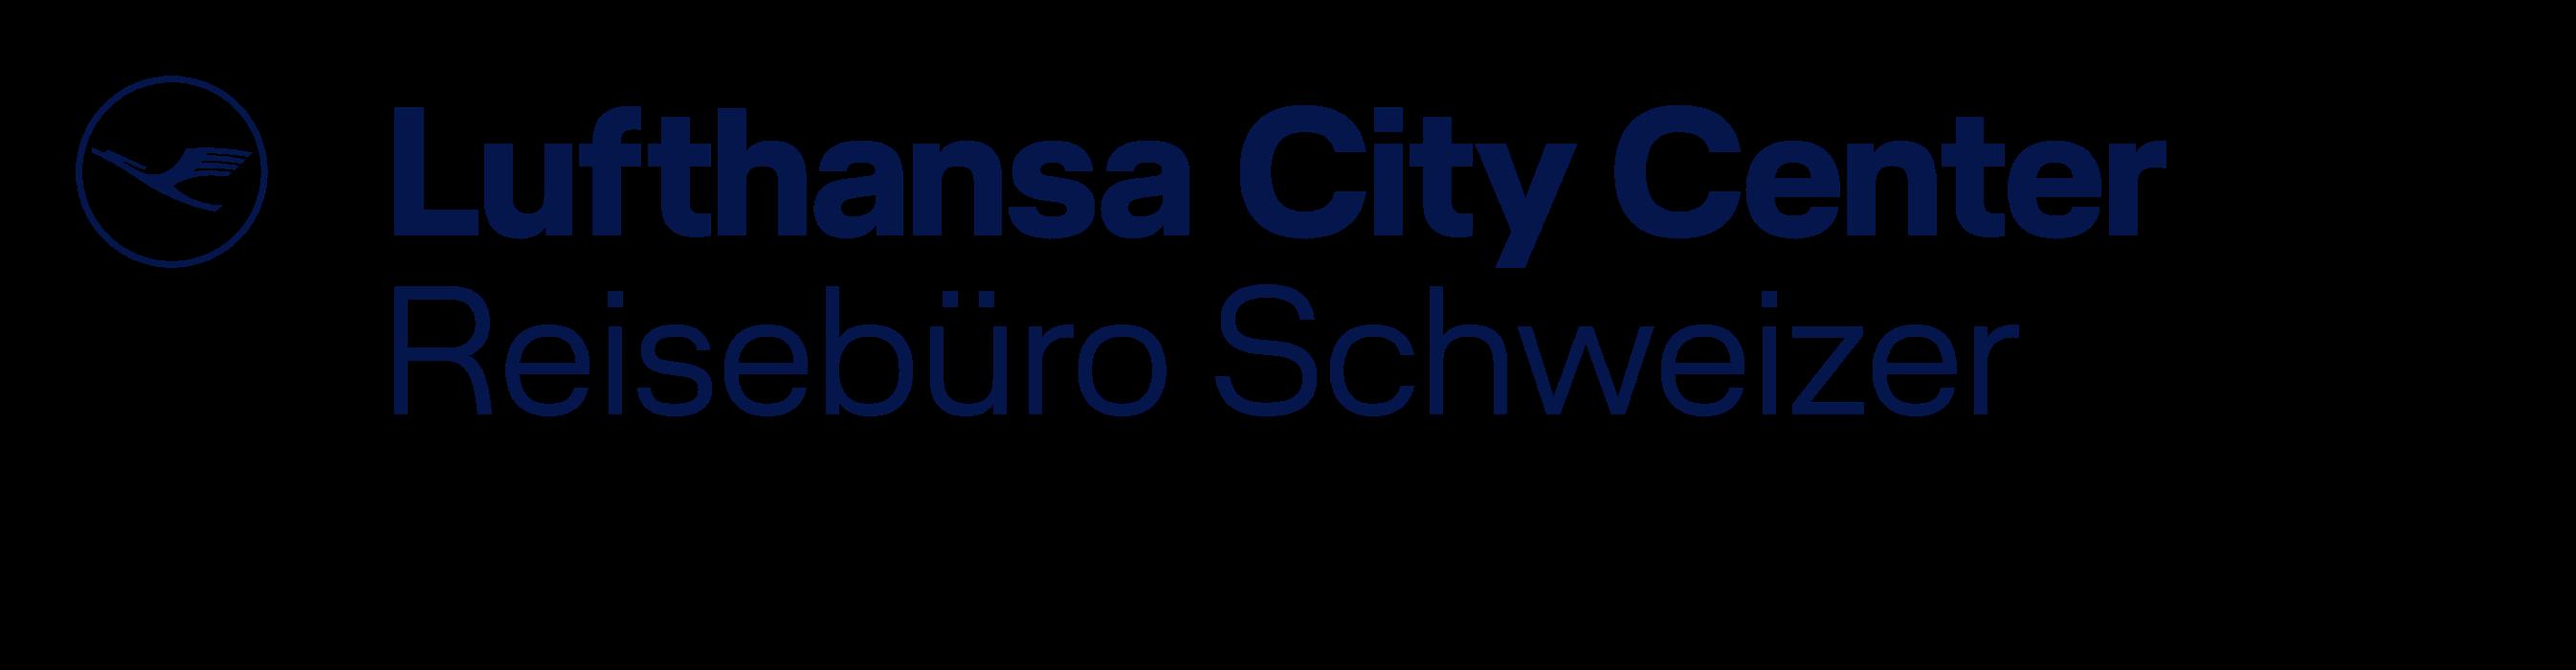 Bild zu Lufthansa City Center Reisebüro Schweizer in Sindelfingen